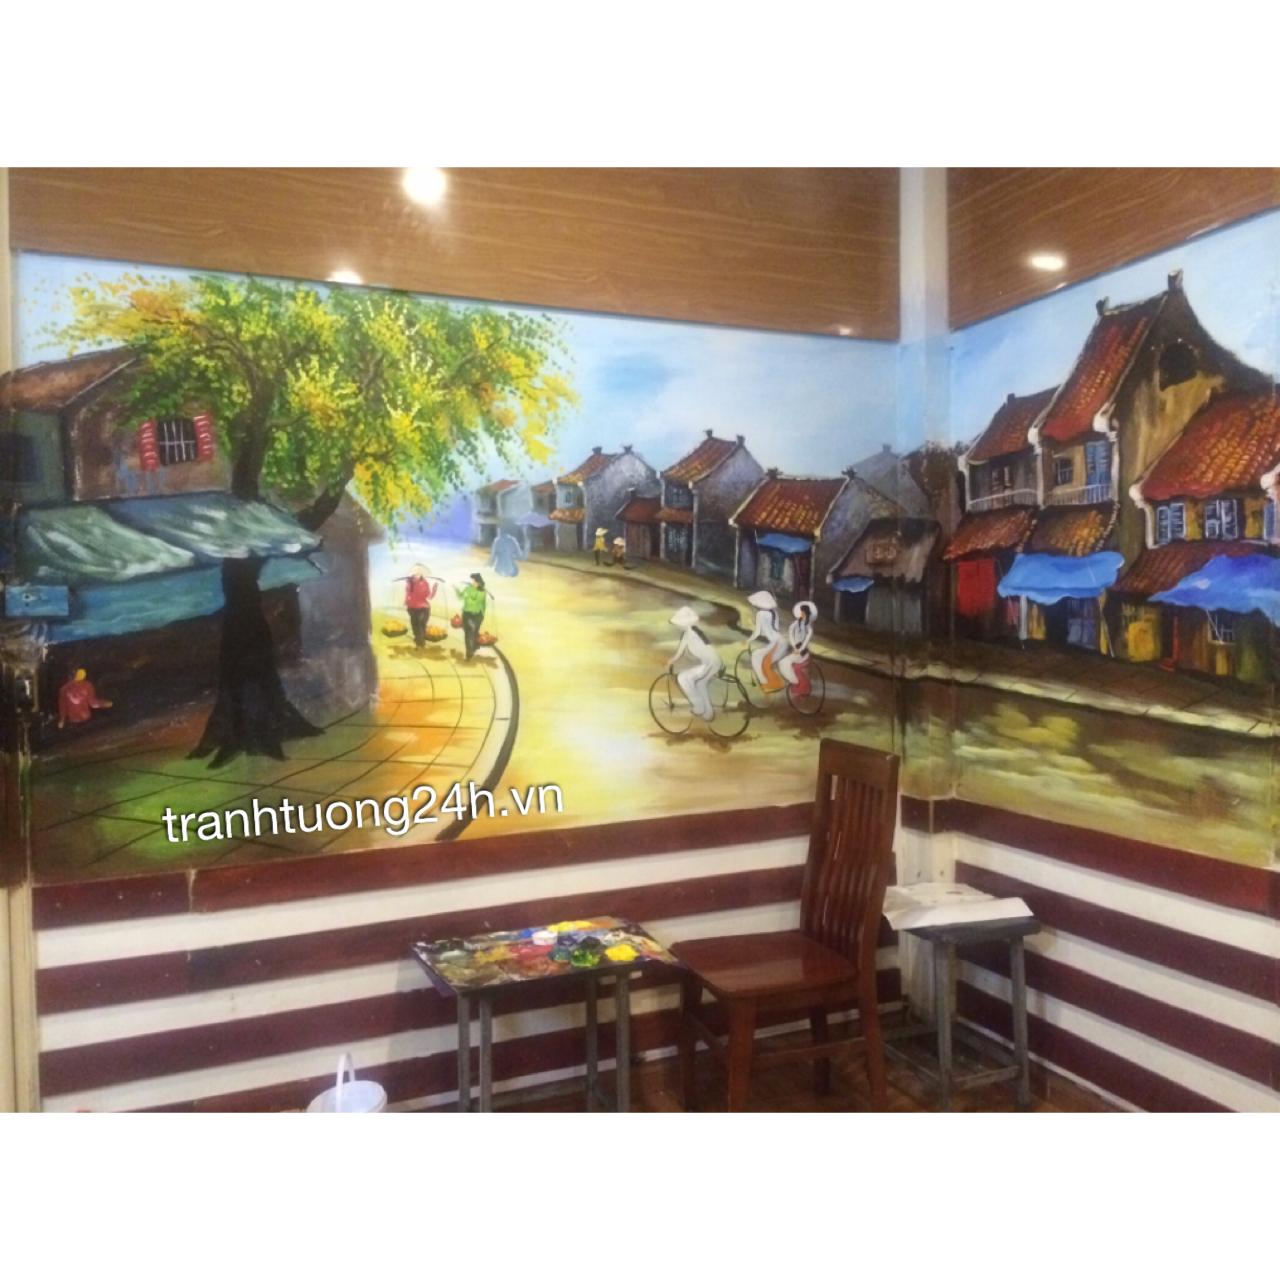 Vẽ tranh tường nhà hàng Ngỗng 9 món tại Số 1 Đặng Thái Ân